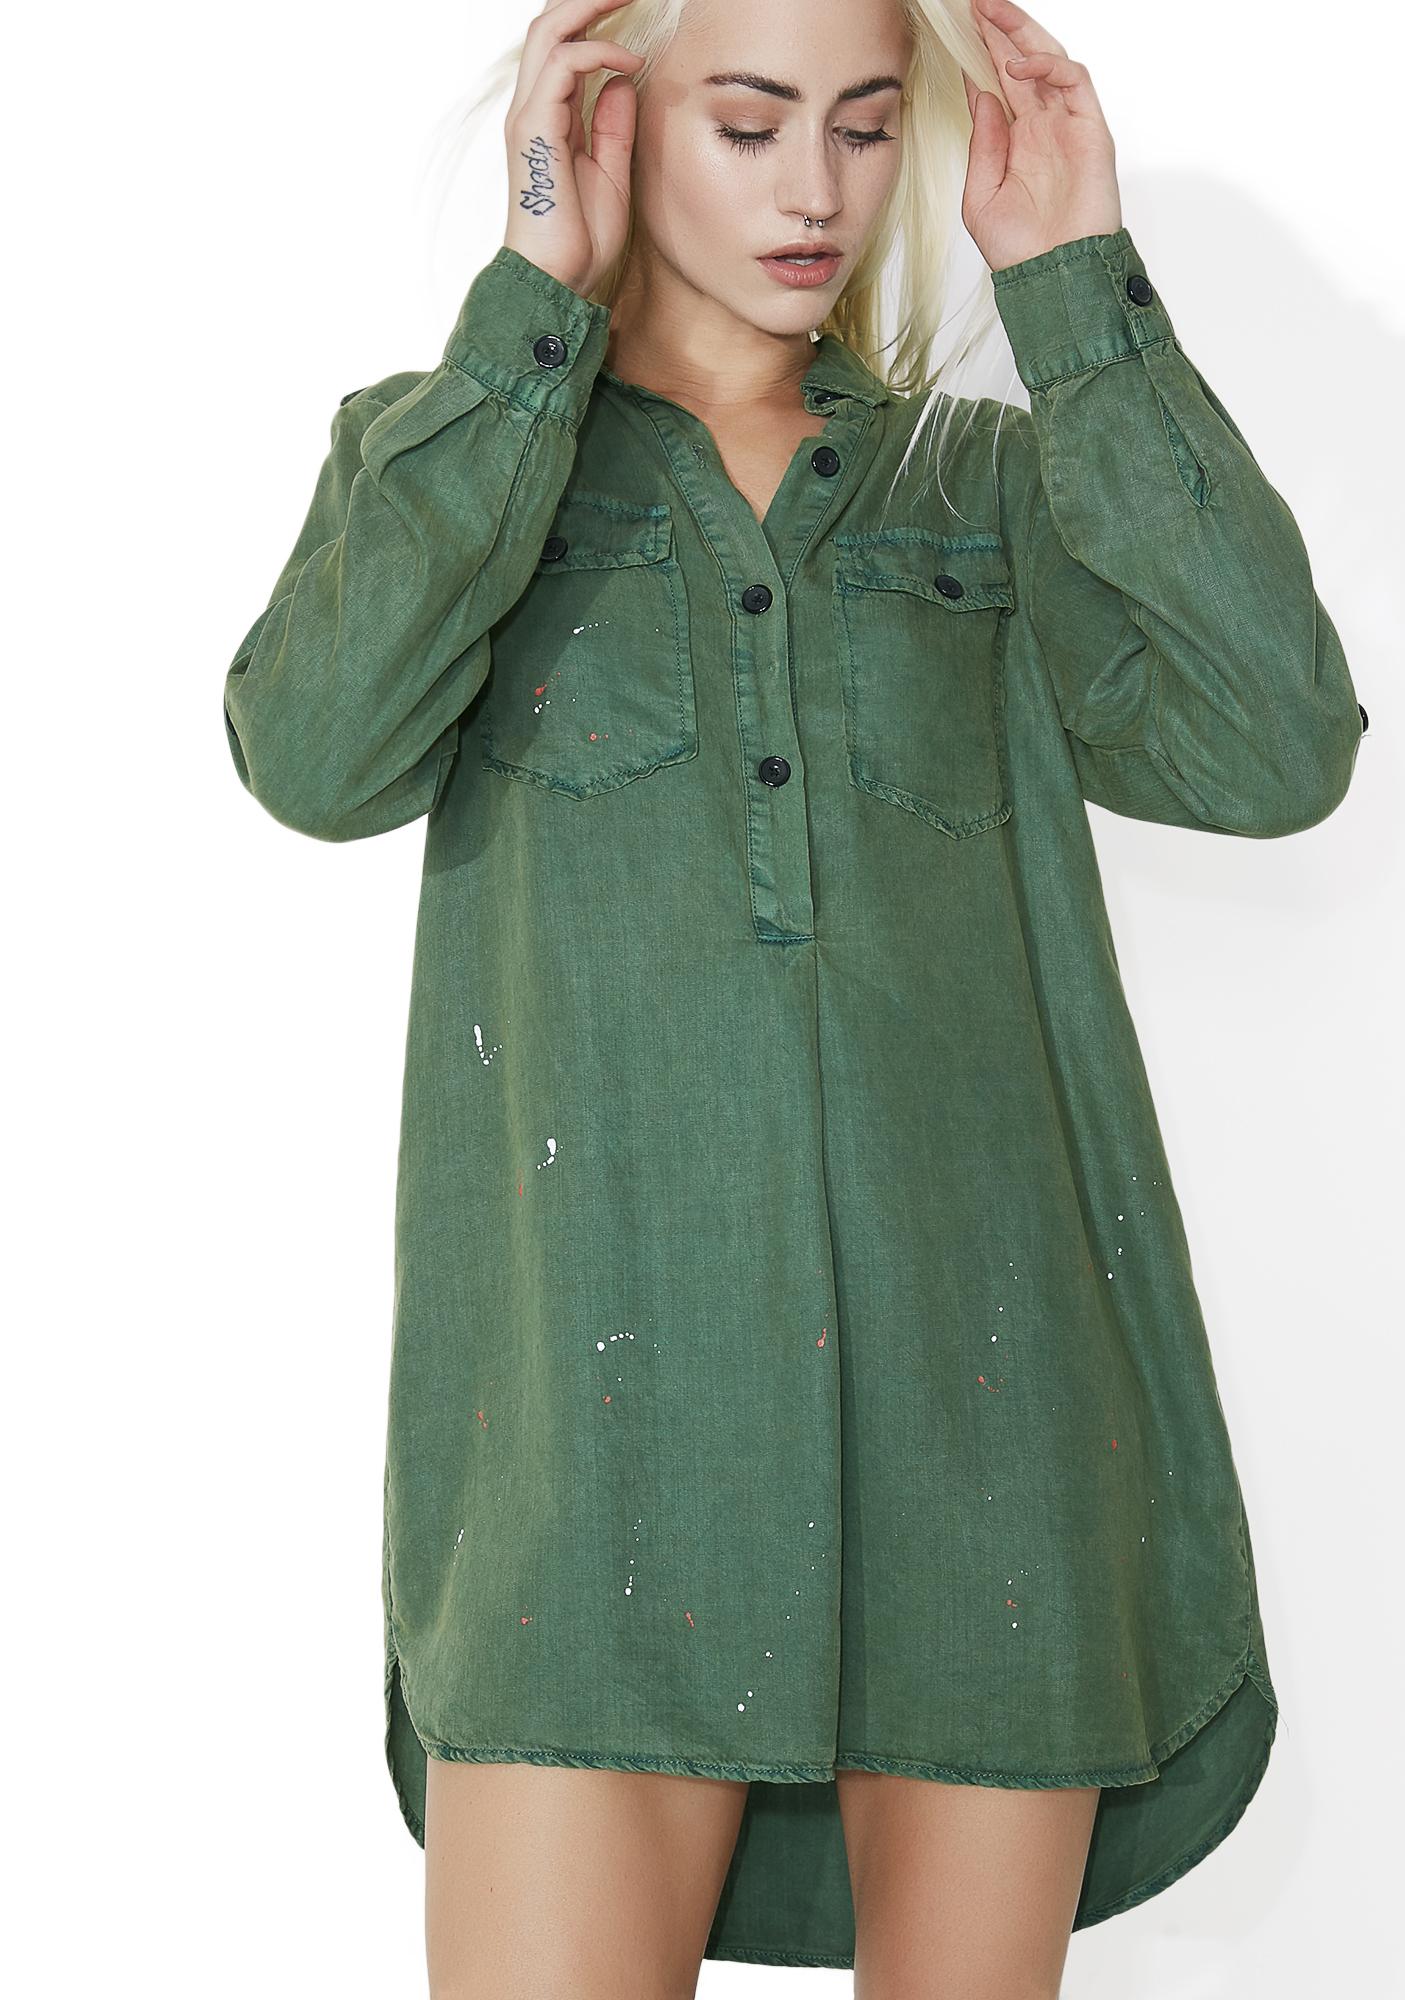 Paint Splatter Green TunicTop